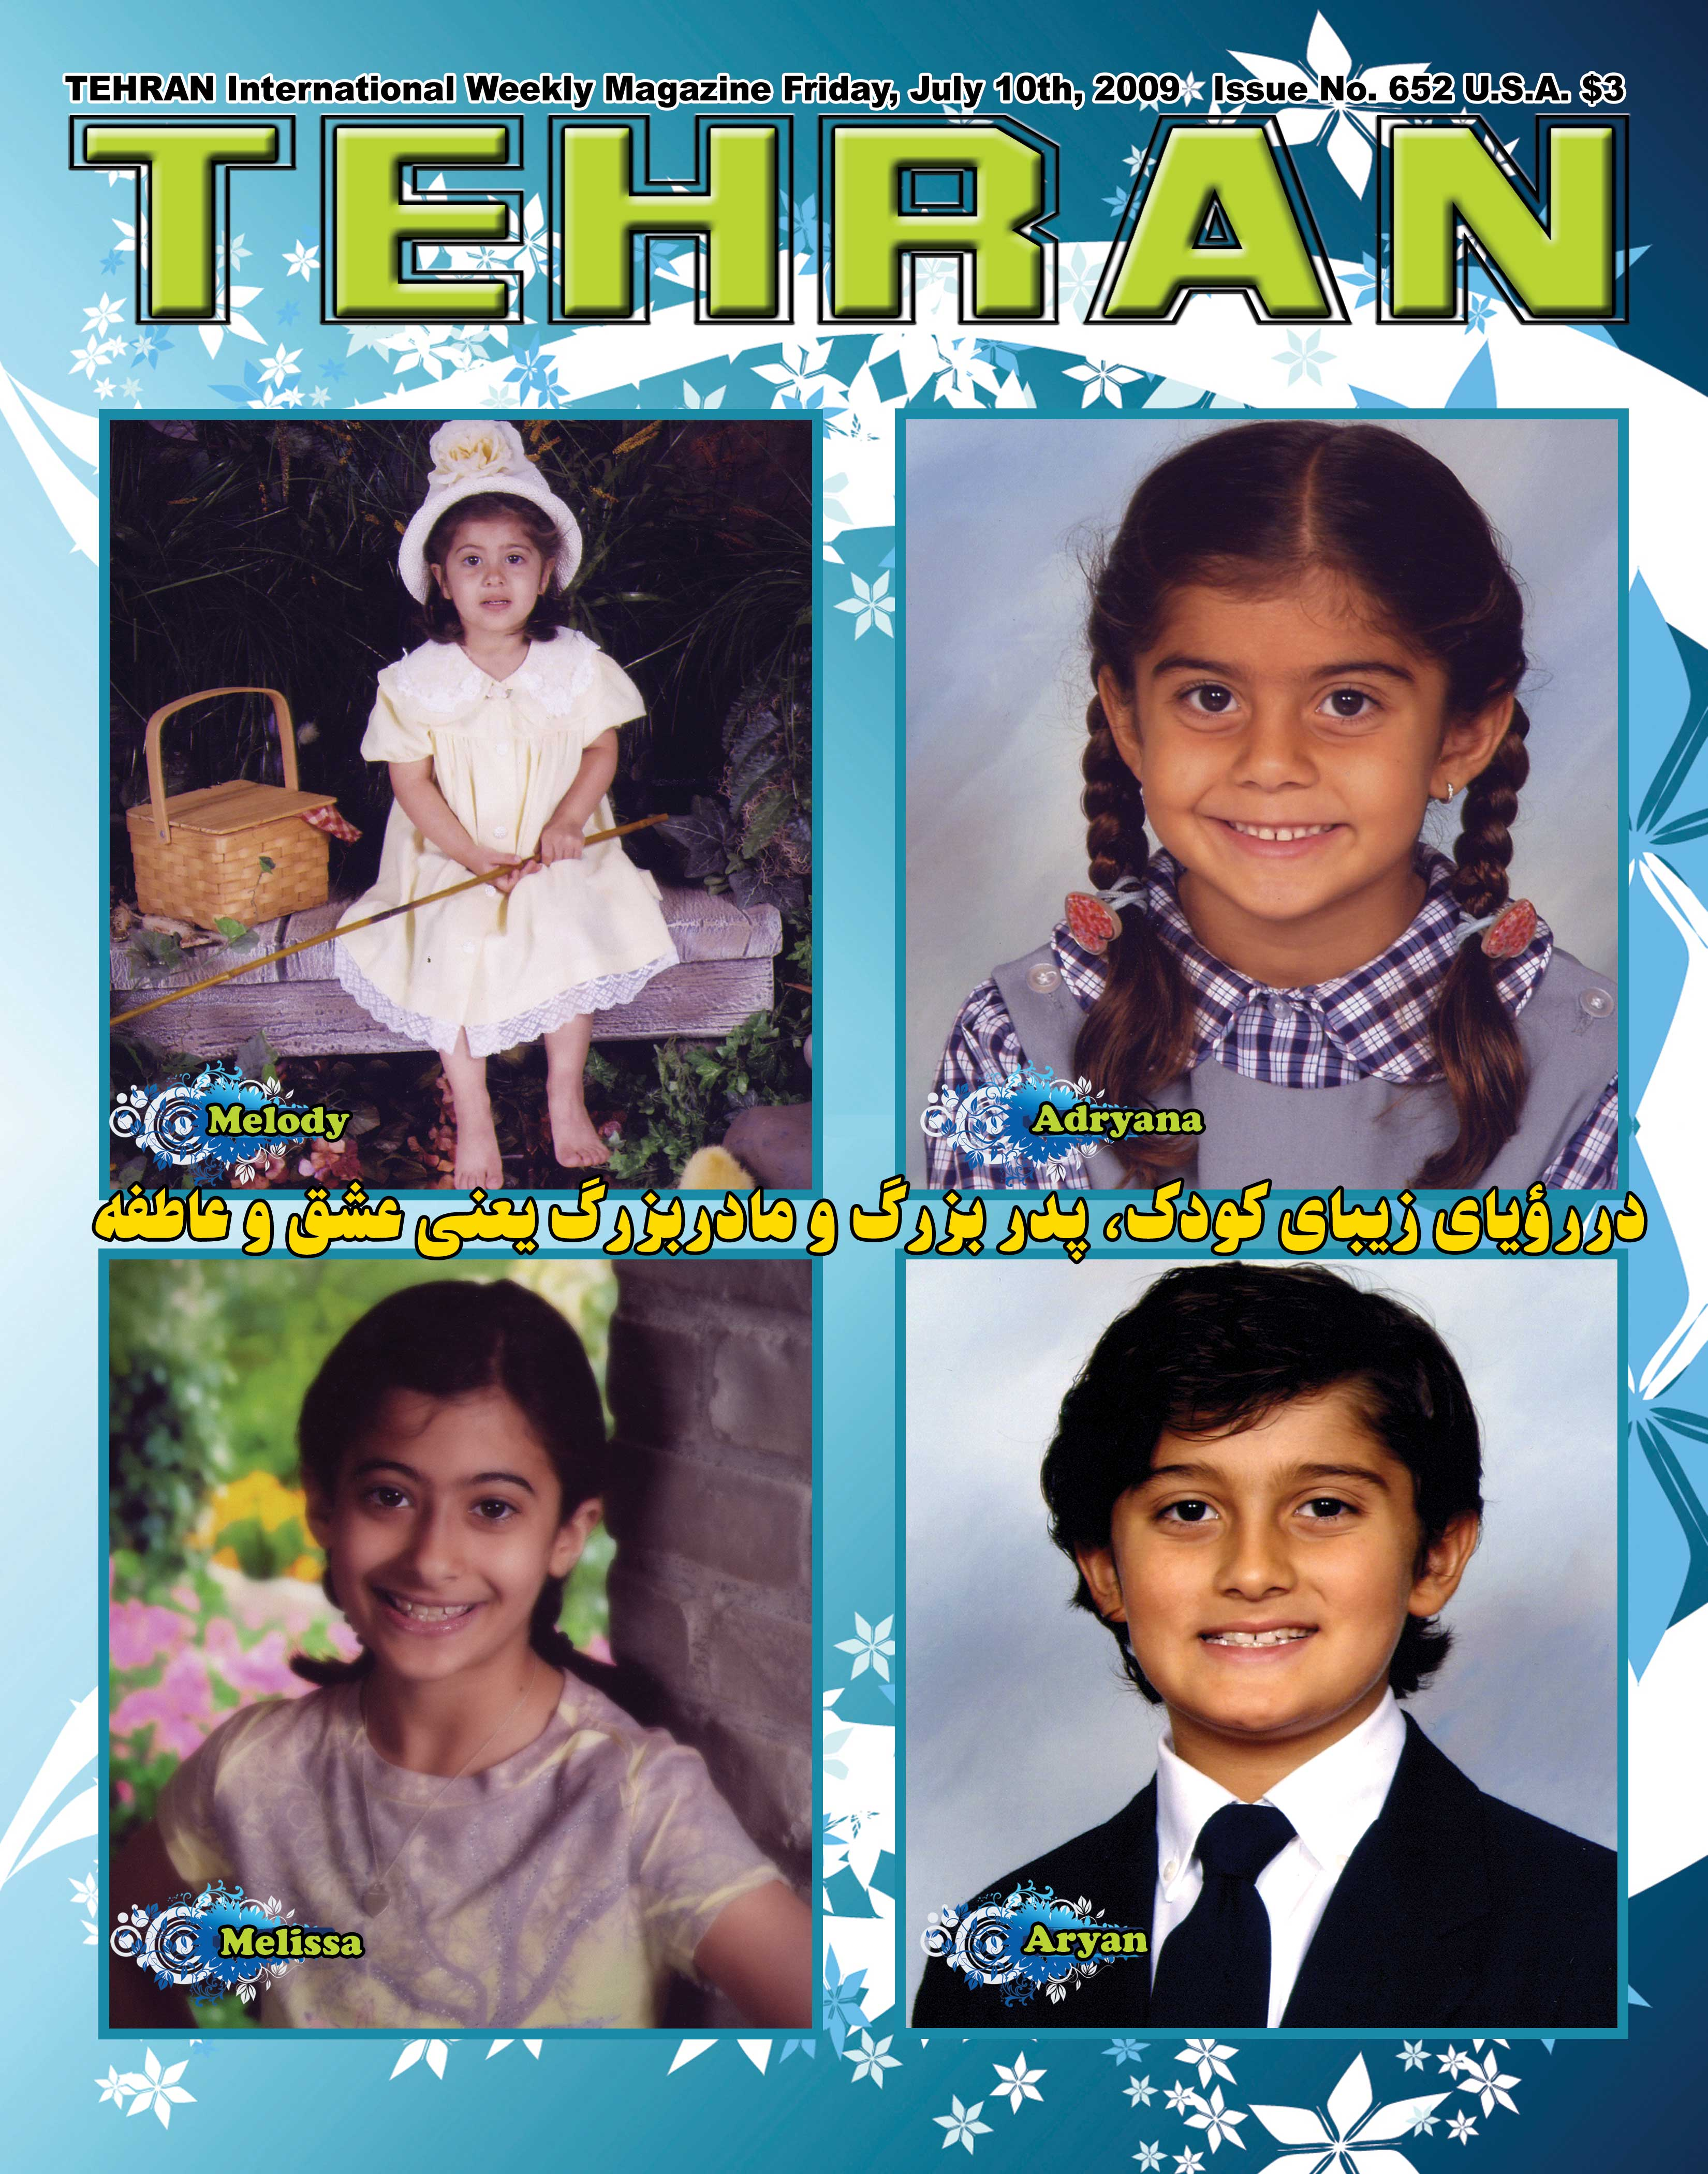 652-IRANIAN-KIDS